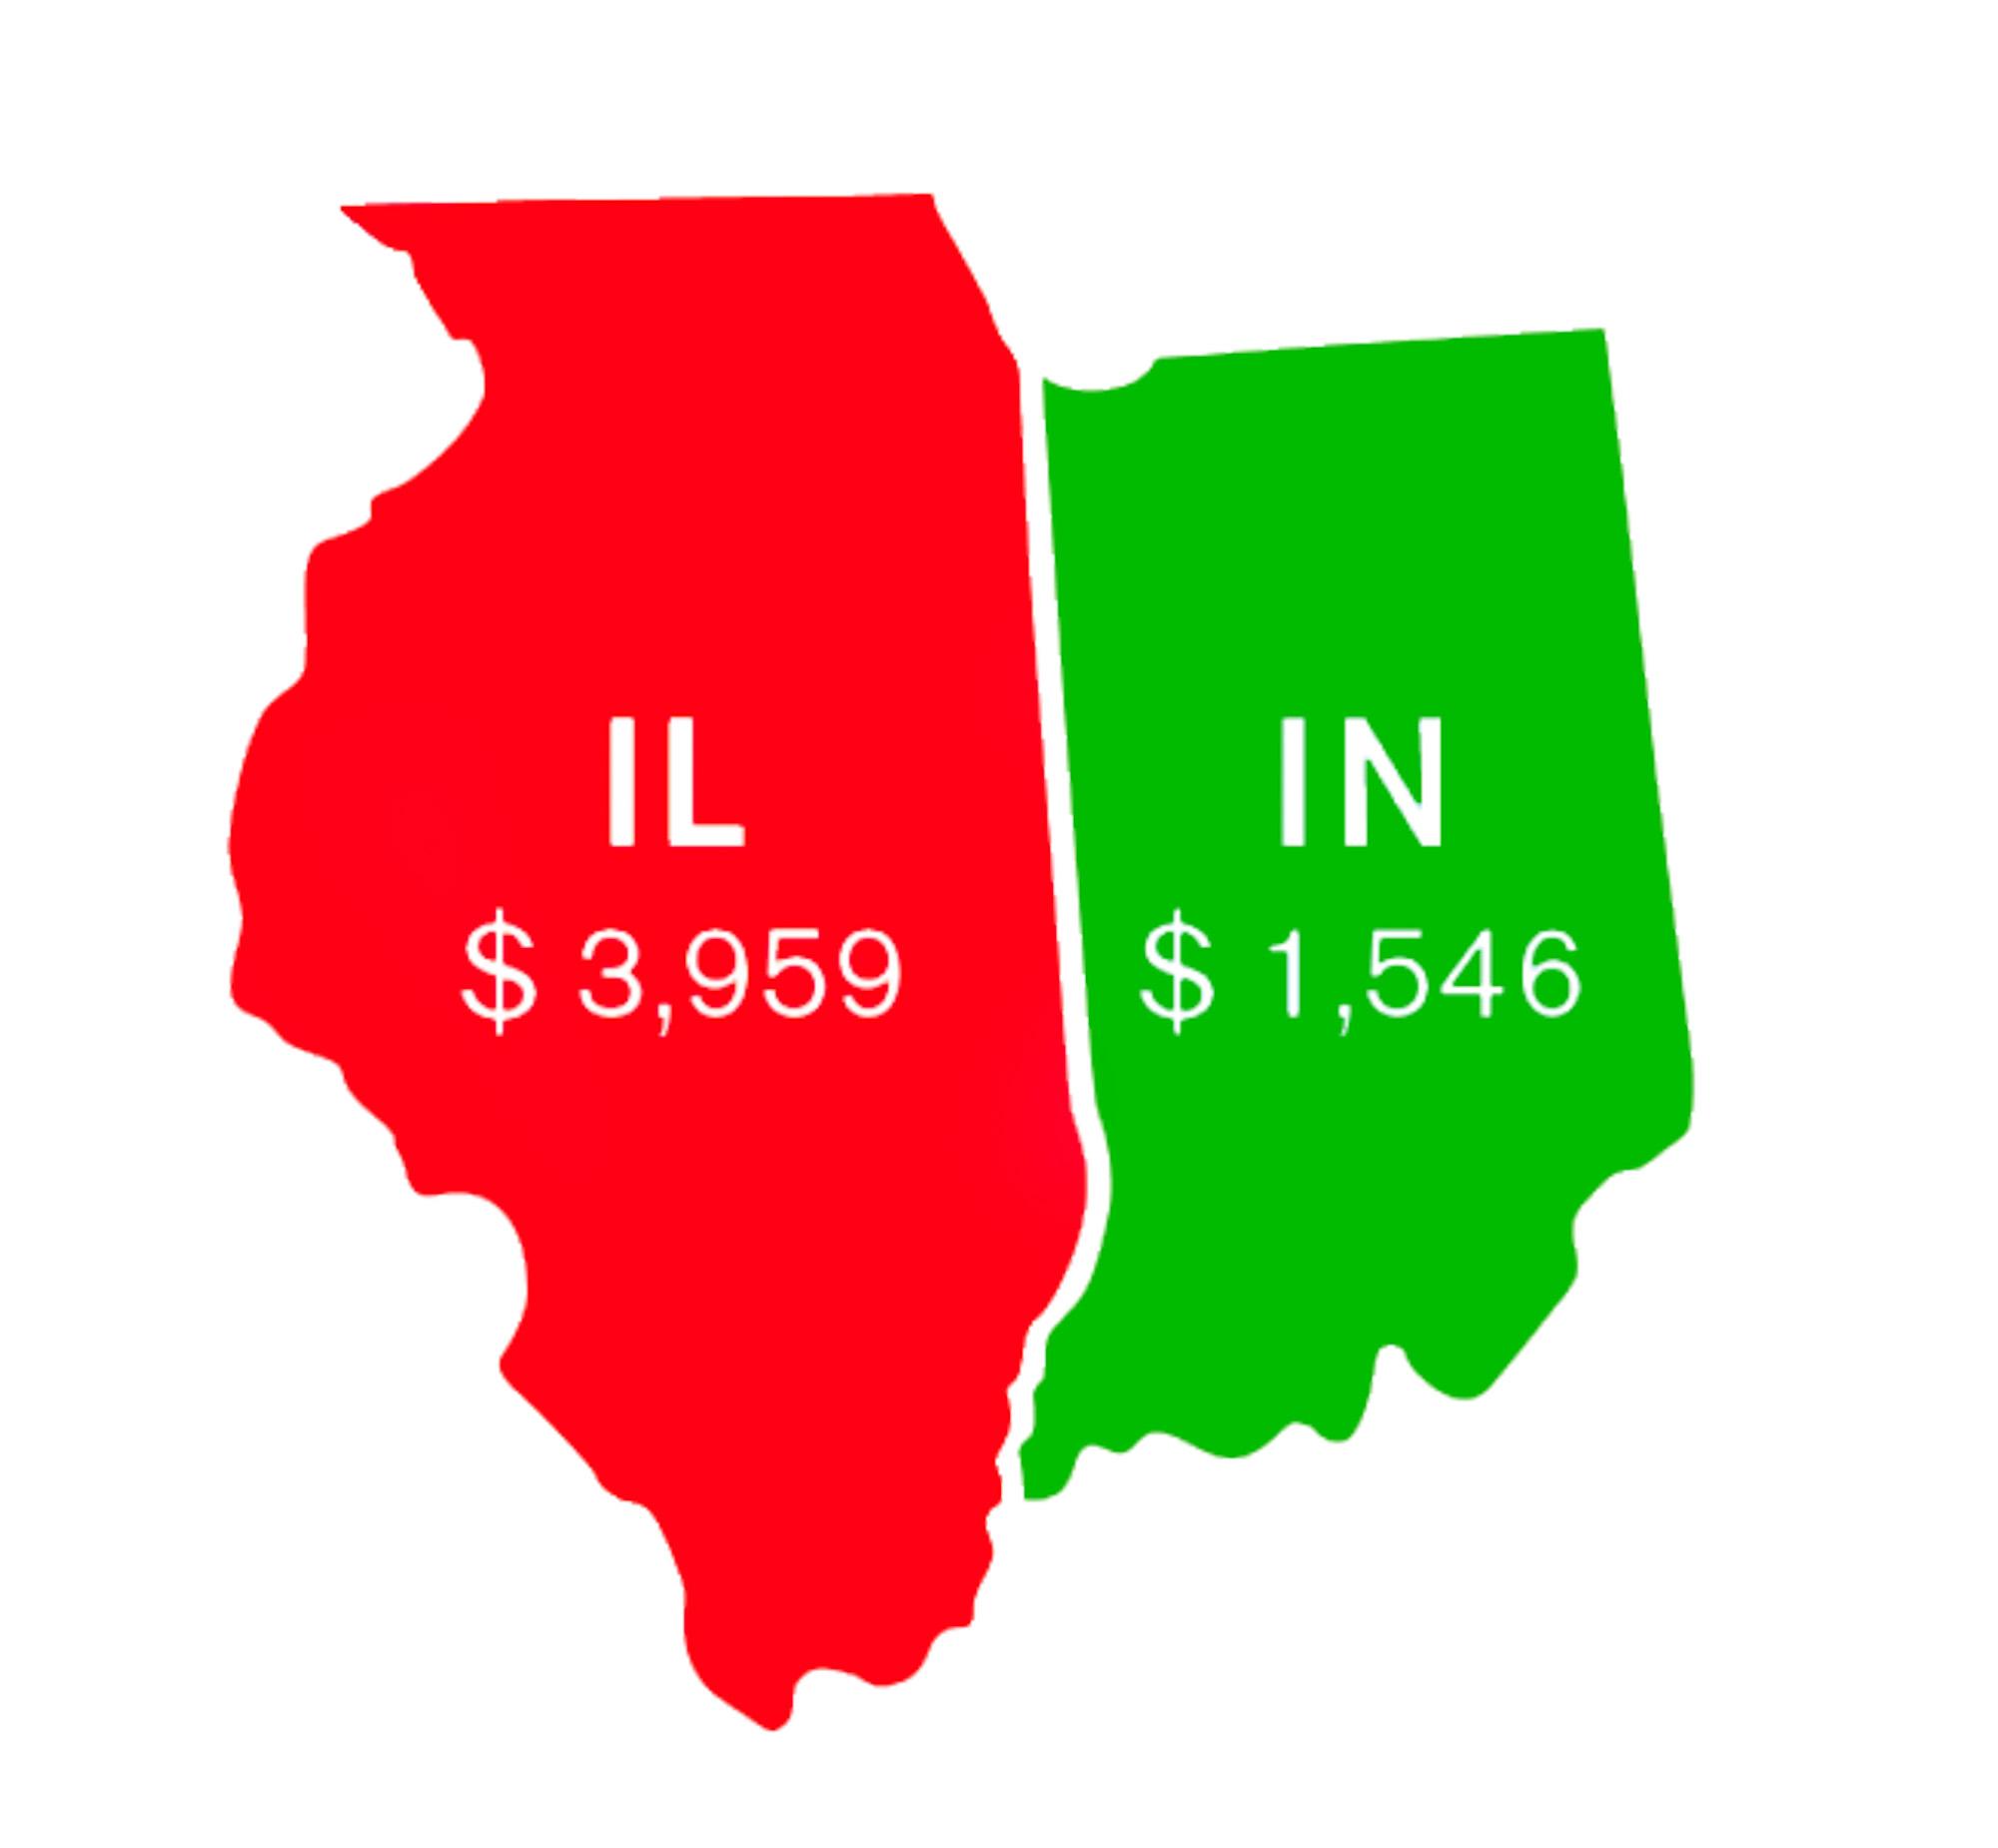 IL.IN Tax comparison